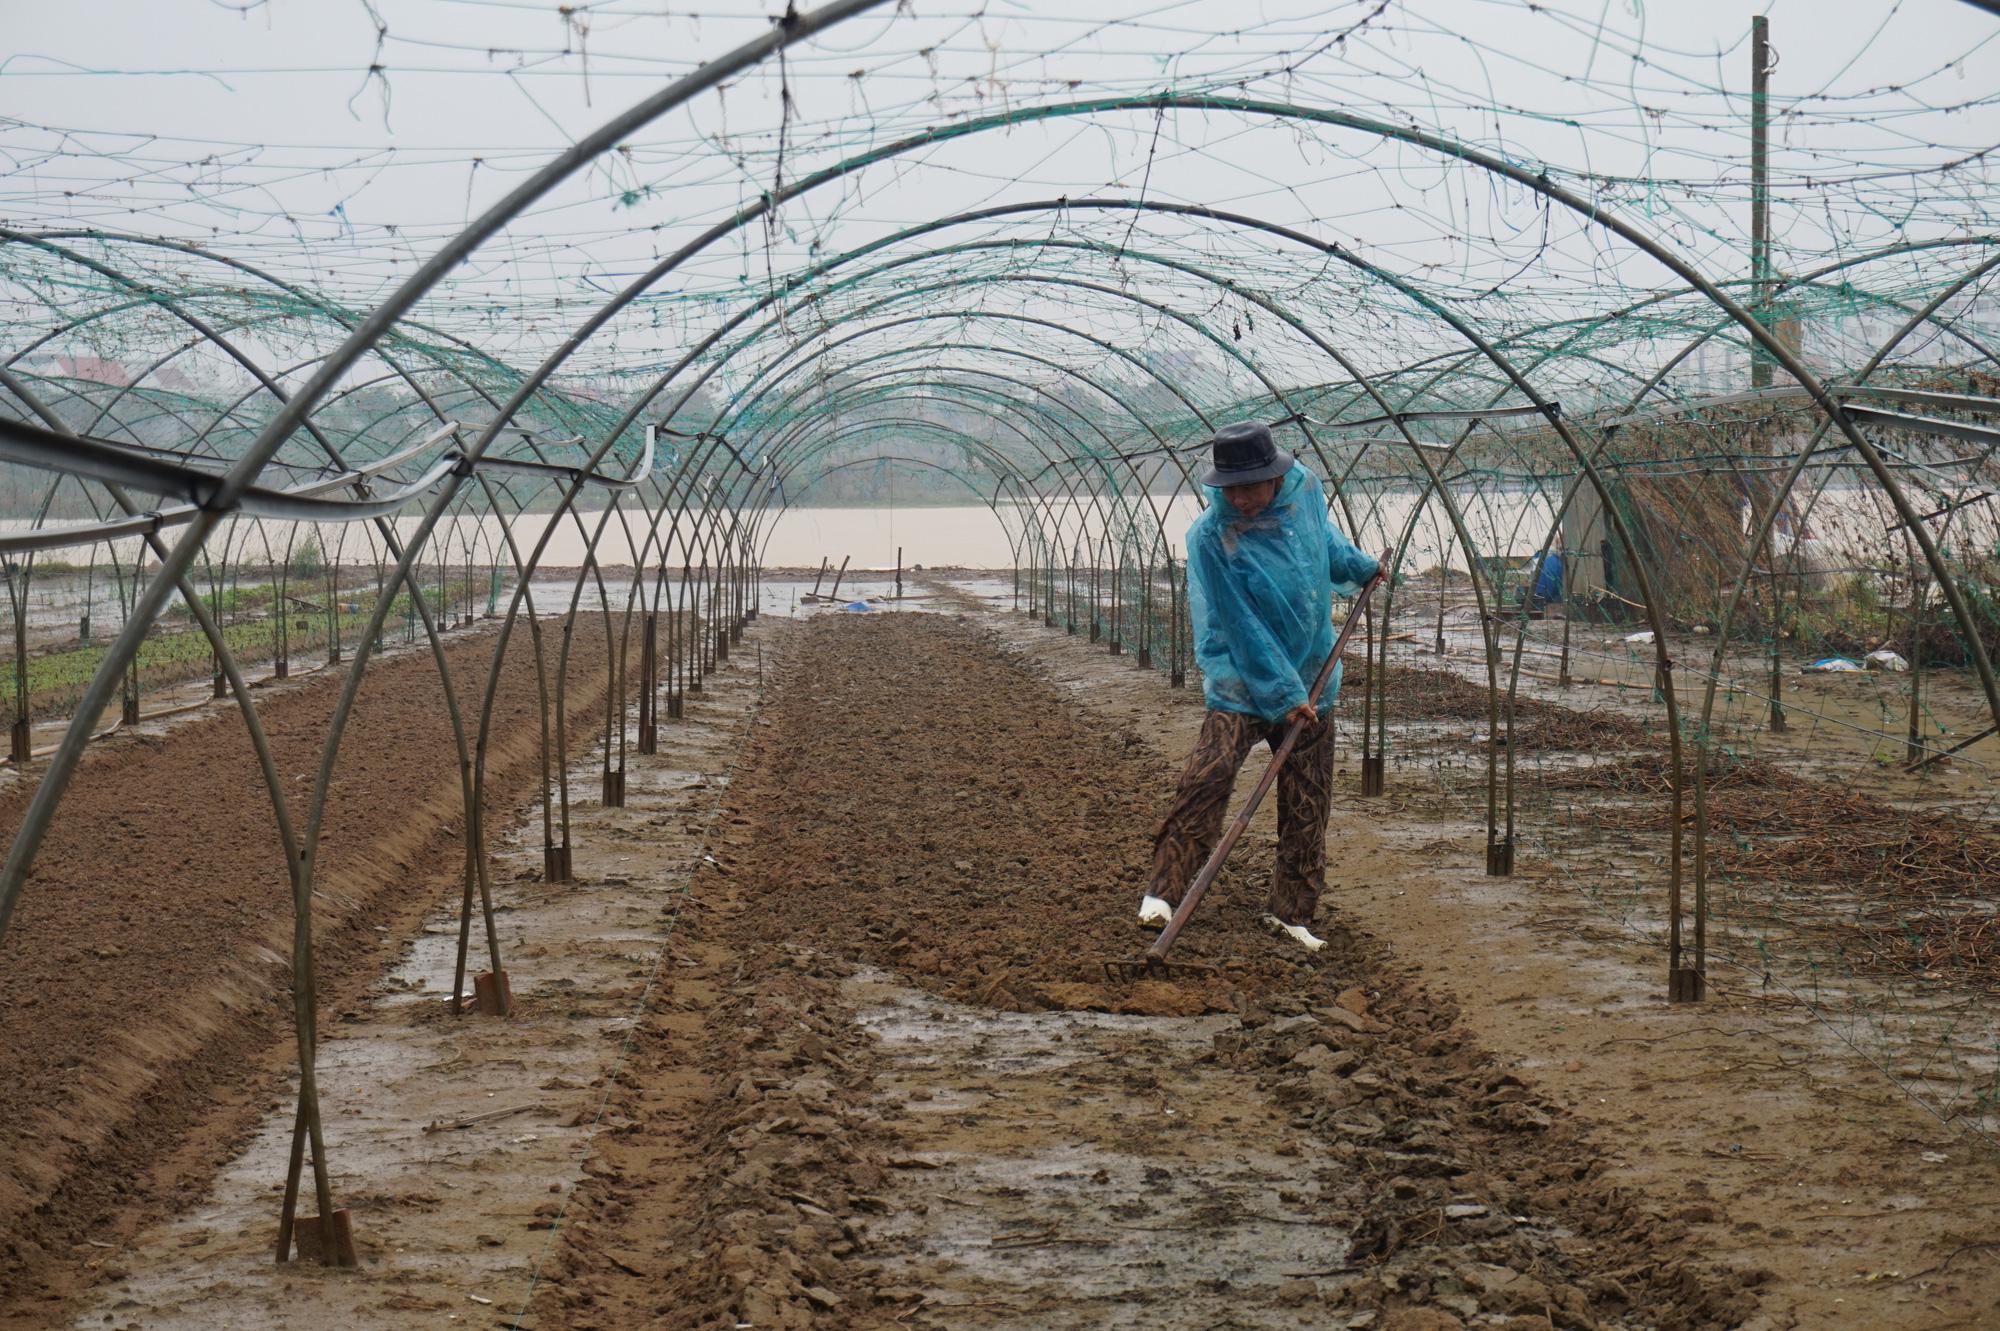 Đà Nẵng: Nông dân trồng rau thấp thỏm tái sản xuất sau mưa lũ dồn dập - Ảnh 4.